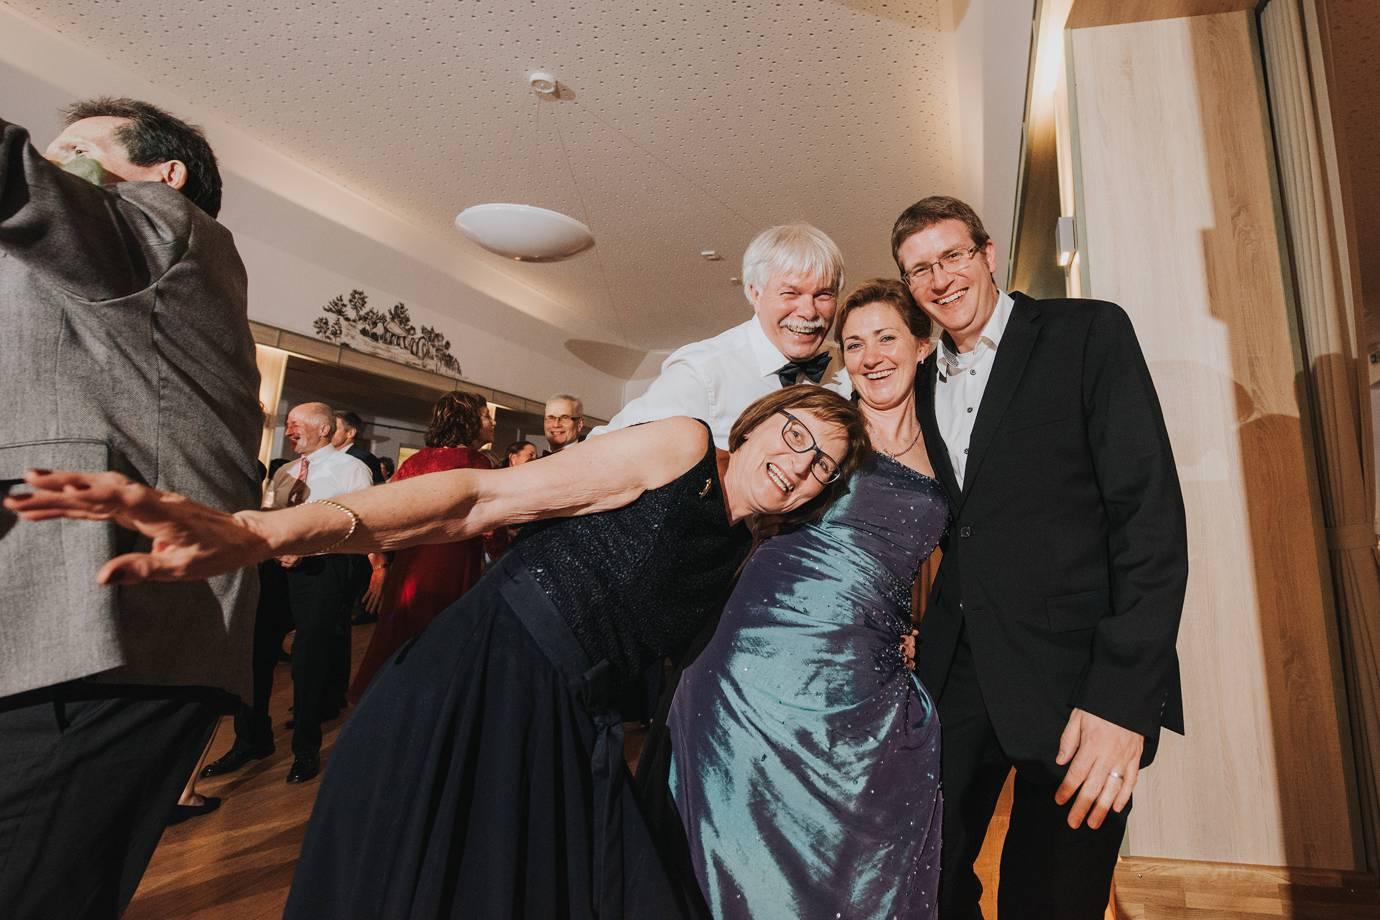 hochzeitsfotograf wildeshausen 238 - Kerstin+Henning